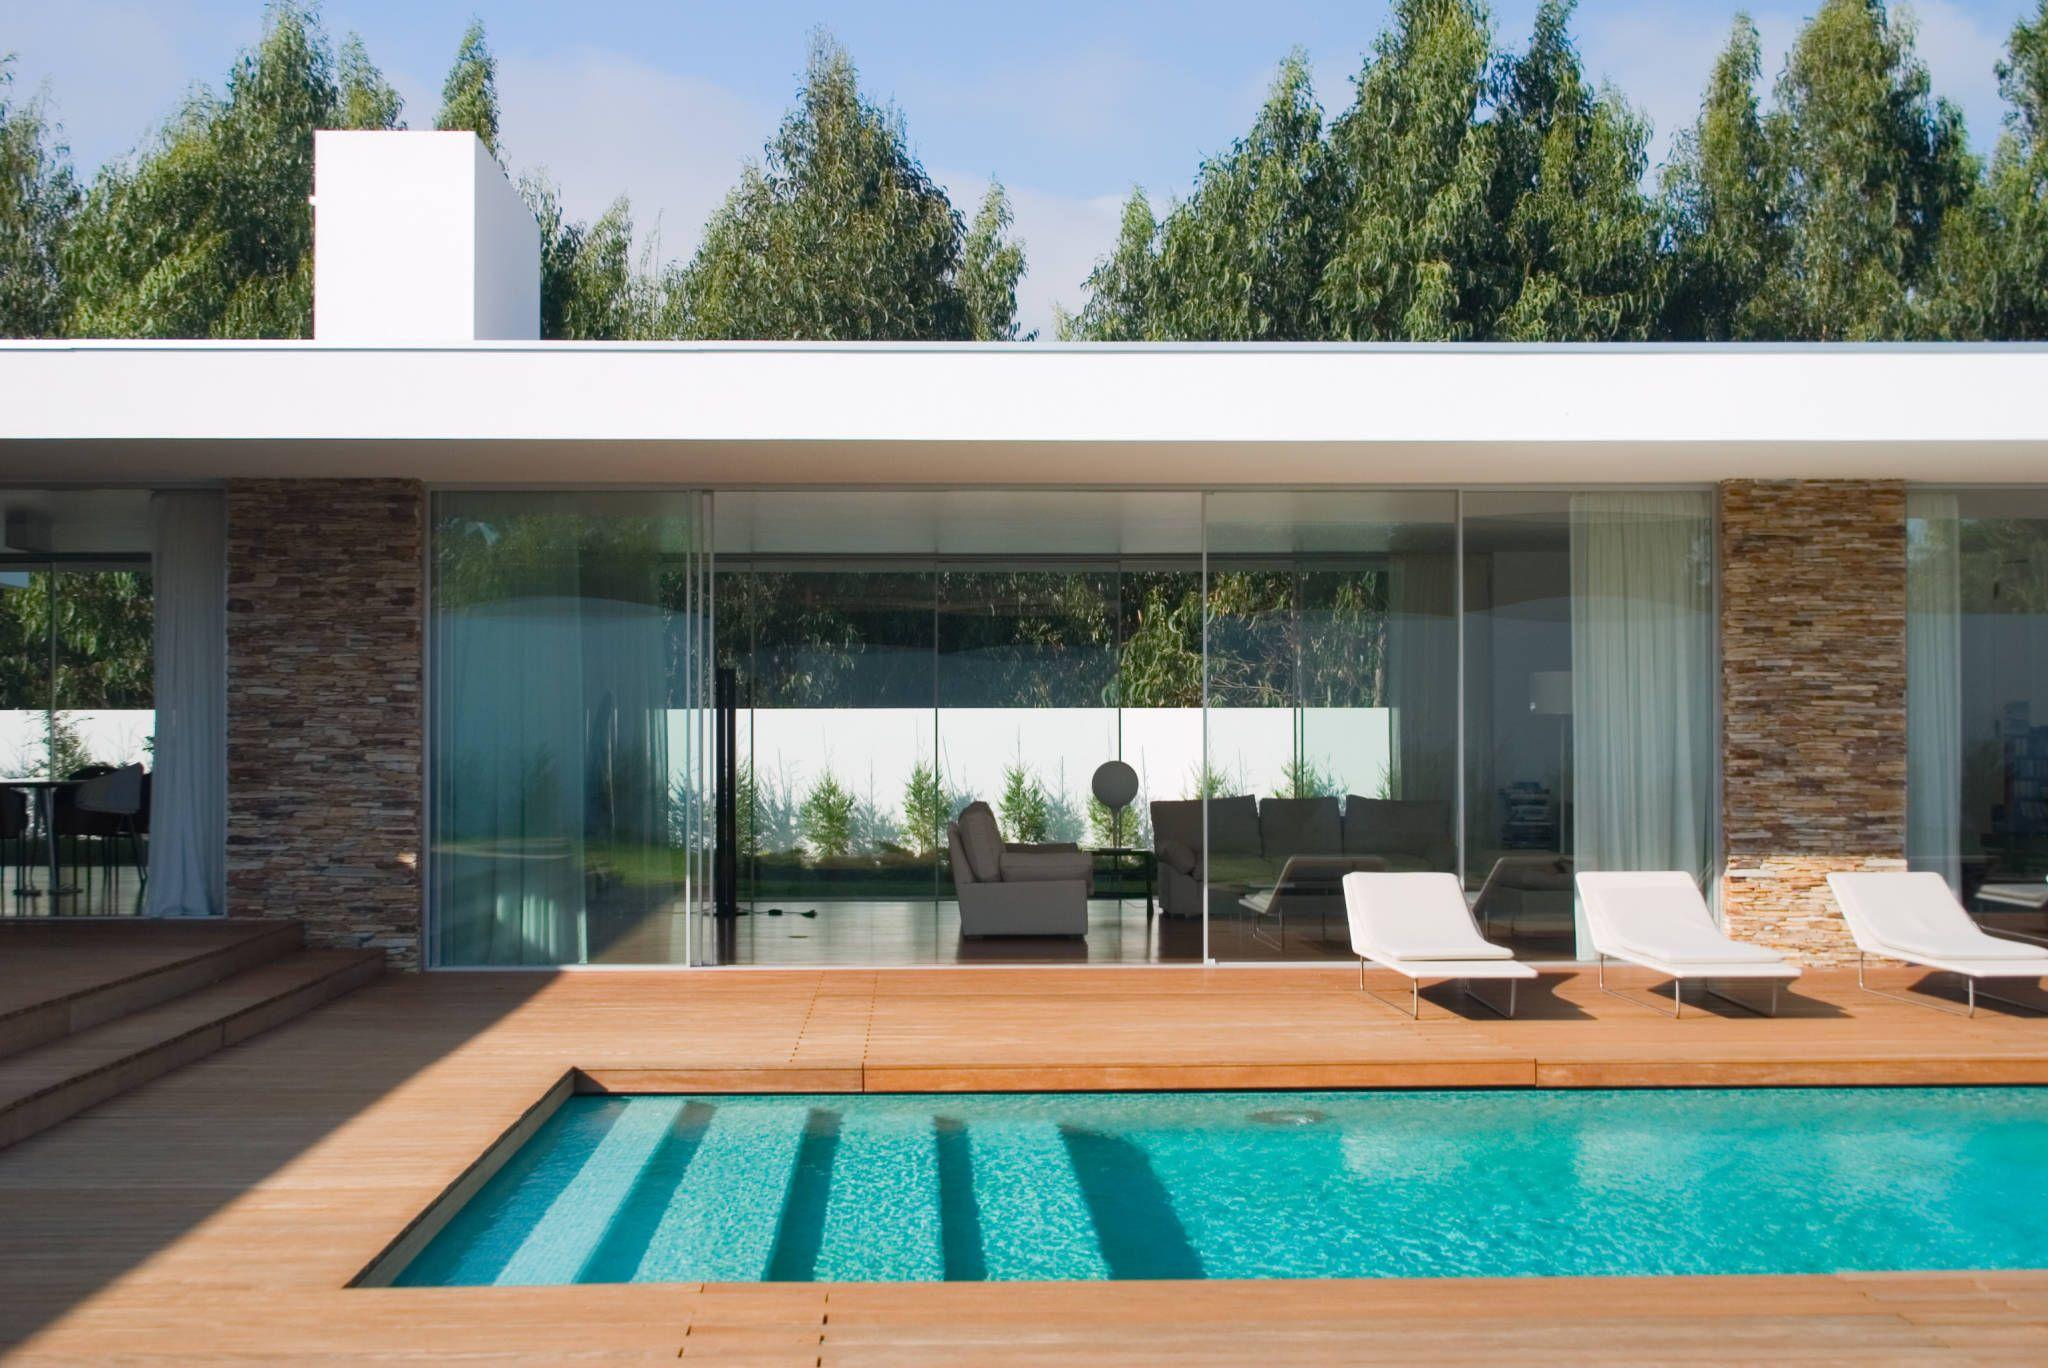 Vista da piscina para a sala : Modern pool by A.As, Arquitectos Associados, Lda